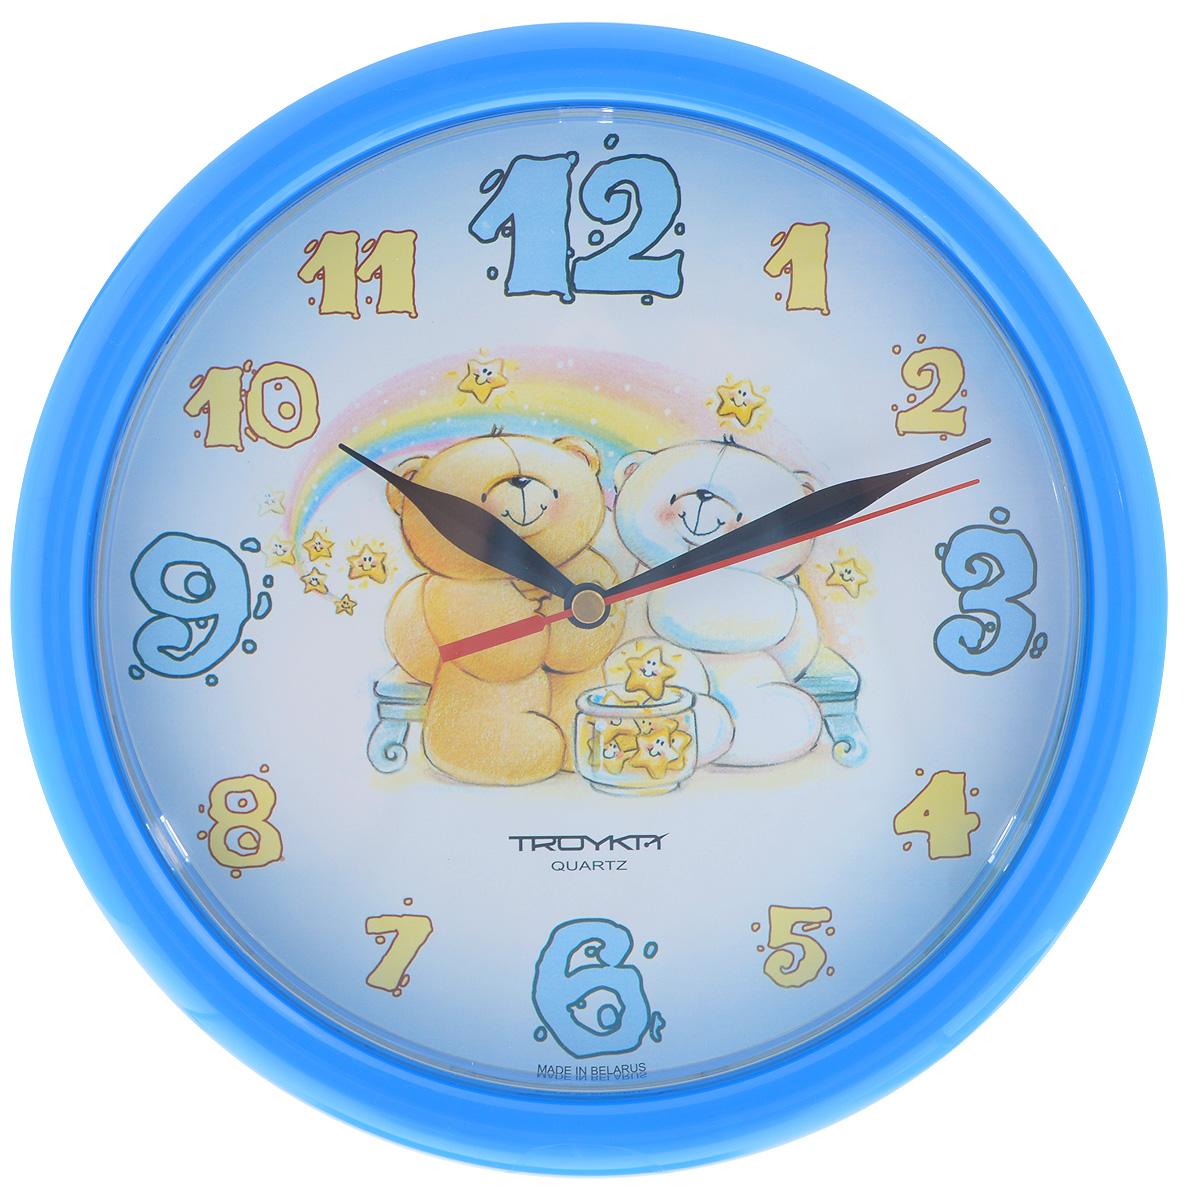 Часы настенные Troyka Медвежата, цвет: голубой. 2124123221241232Настенные кварцевые часы с модным дизайном Troyka Медвежата, изготовленные из пластика, подчеркнут стильность интерьера вашего дома. Круглые часы имеют три стрелки: часовую, минутную и секундную, их циферблат оформлен изображением медвежат и защищен прозрачным пластиком. Диаметр часов: 24,5 см. Часы работают от 1 батарейки типа АА напряжением 1,5 В (входит в комплект).